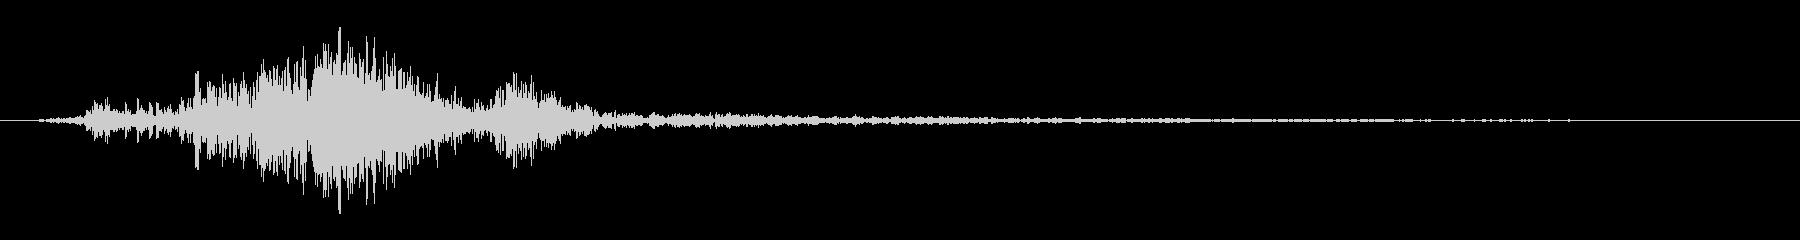 重残響乱流フーシュ3の未再生の波形